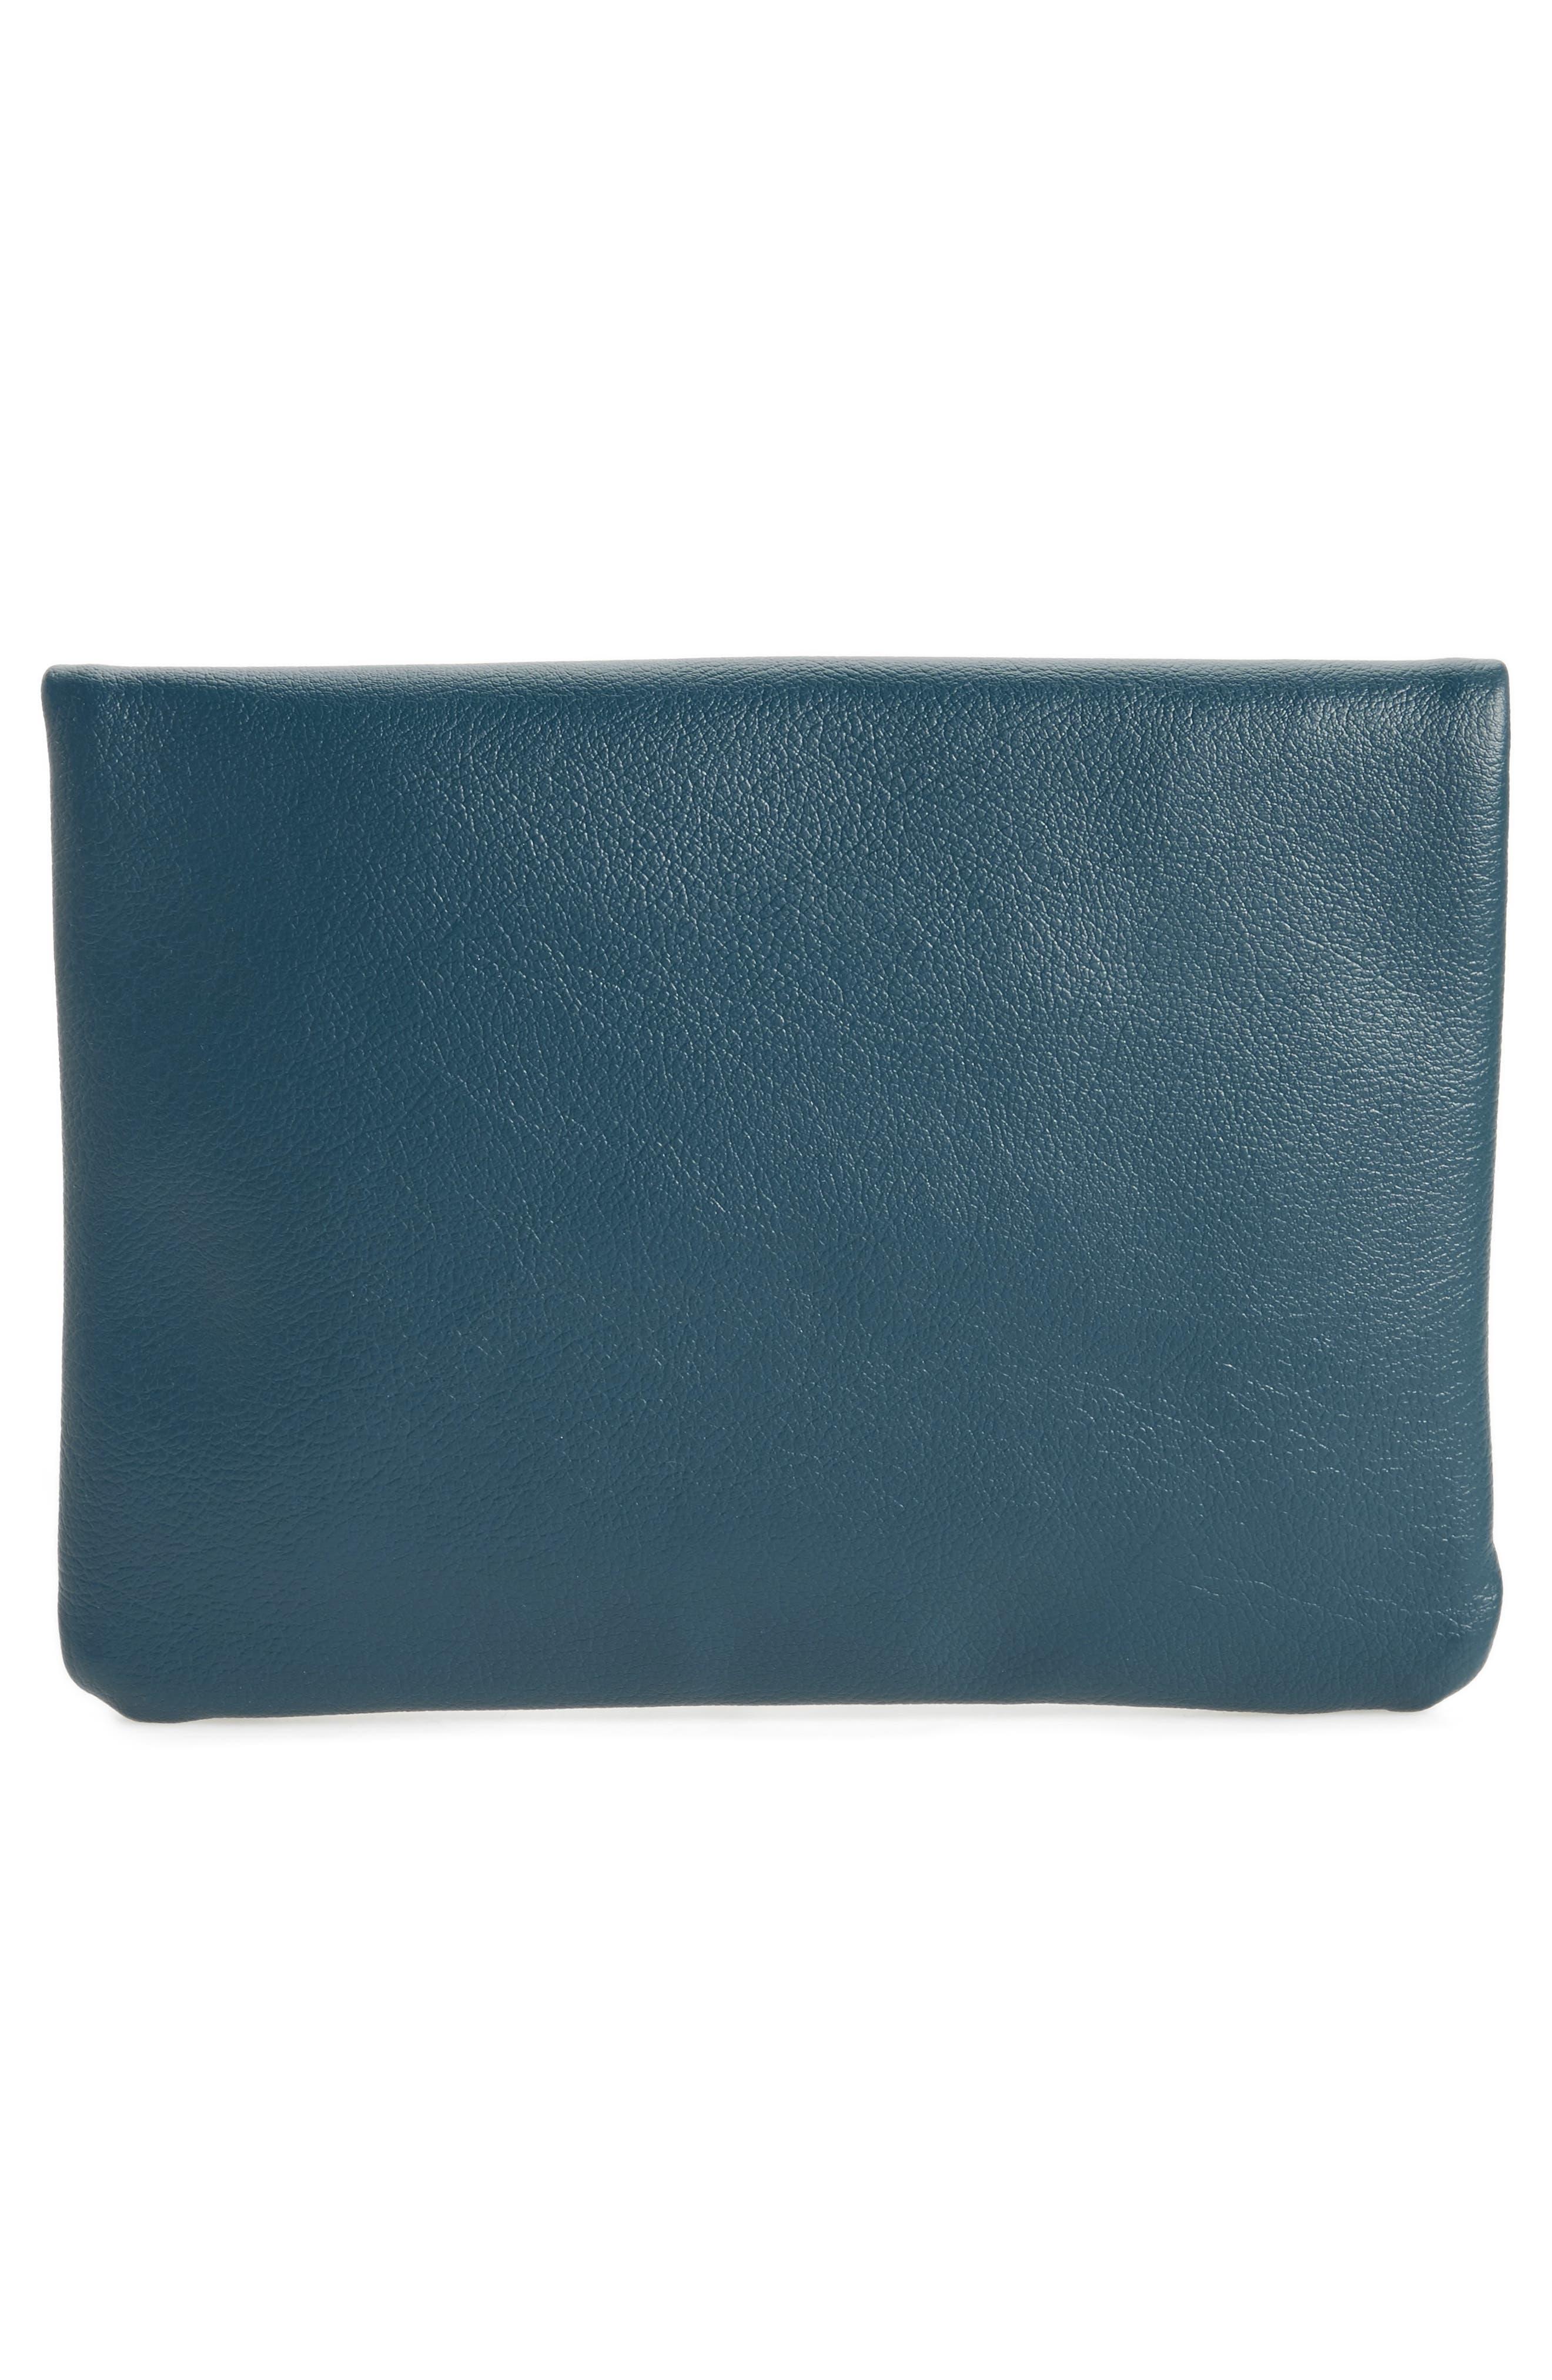 Craig Medium Faux Leather Clutch,                             Alternate thumbnail 3, color,                             400